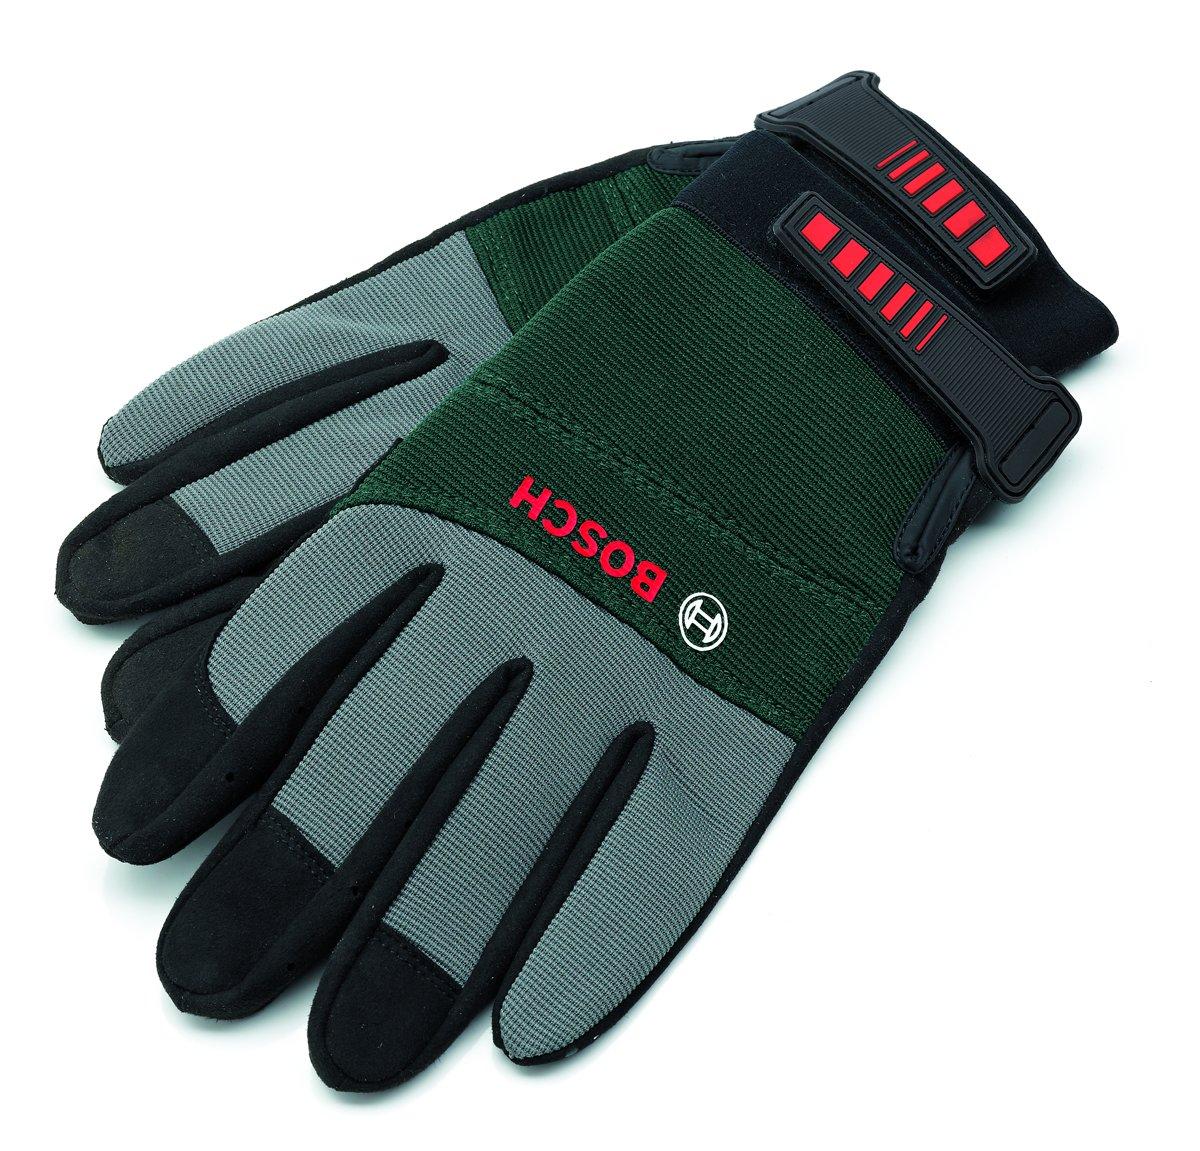 Kunstvezel Werkhandschoen Maat (handschoen): 9, L Bosch Home and Garden F016800292 1 stuks